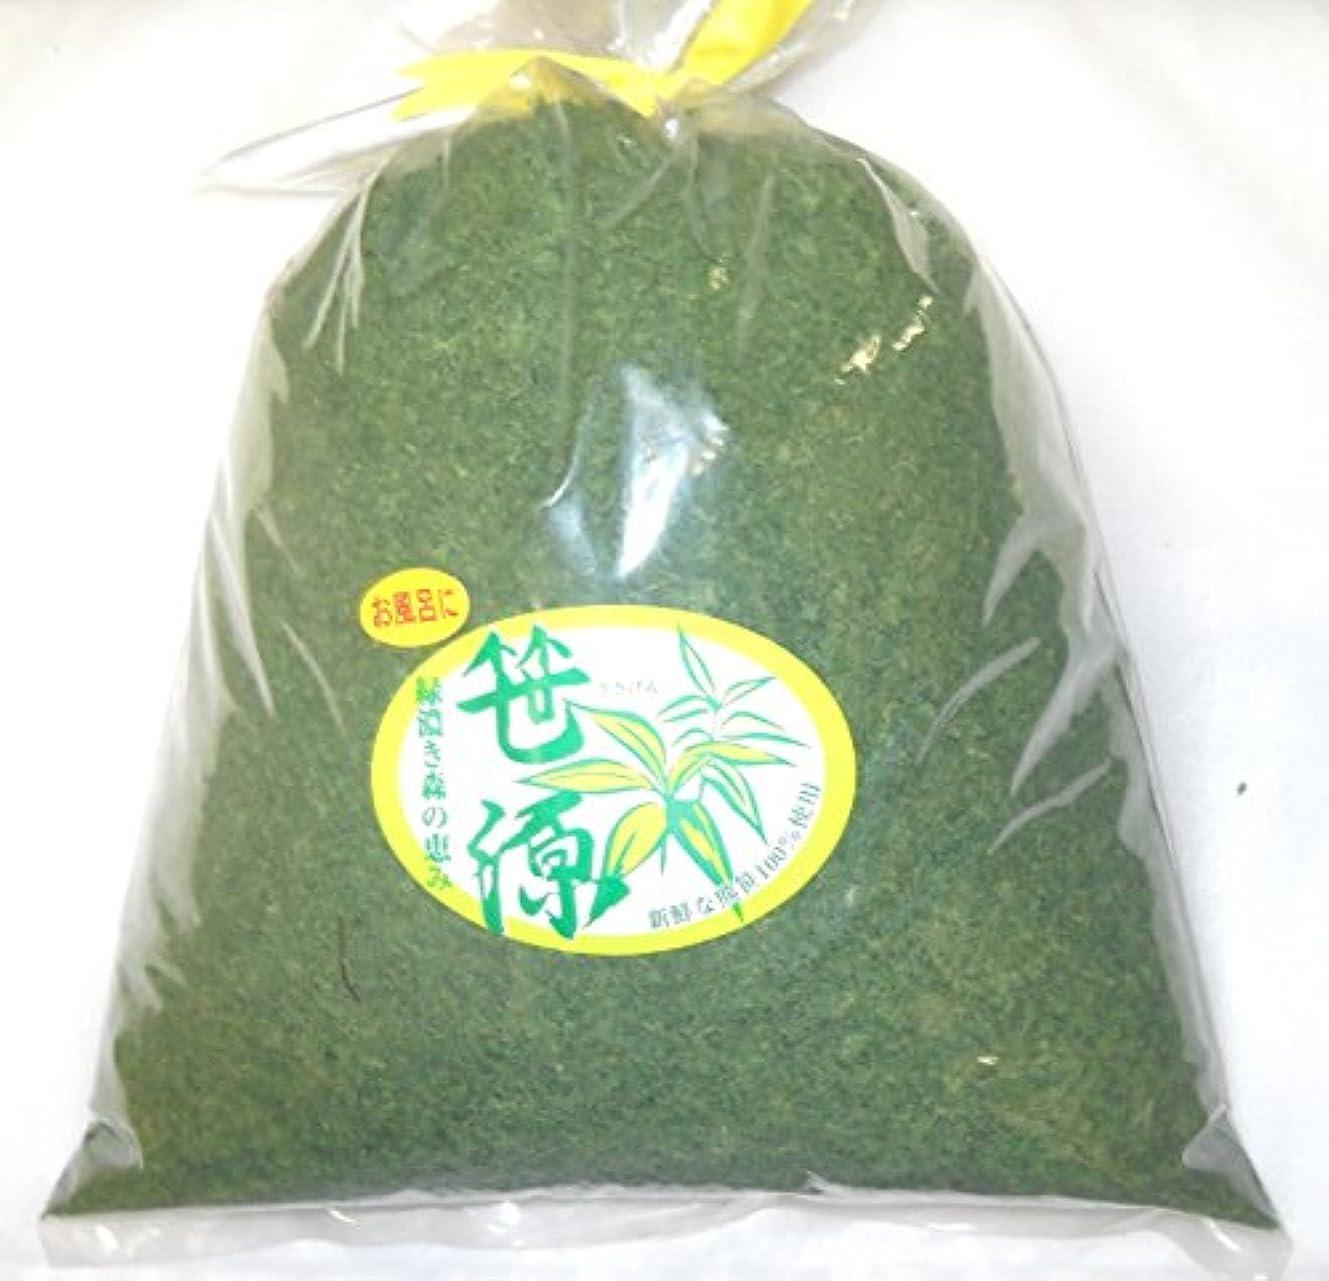 回路火星経験者【産地直送】長野県産クマ笹 笹源(生)2kg 無添加浴用剤